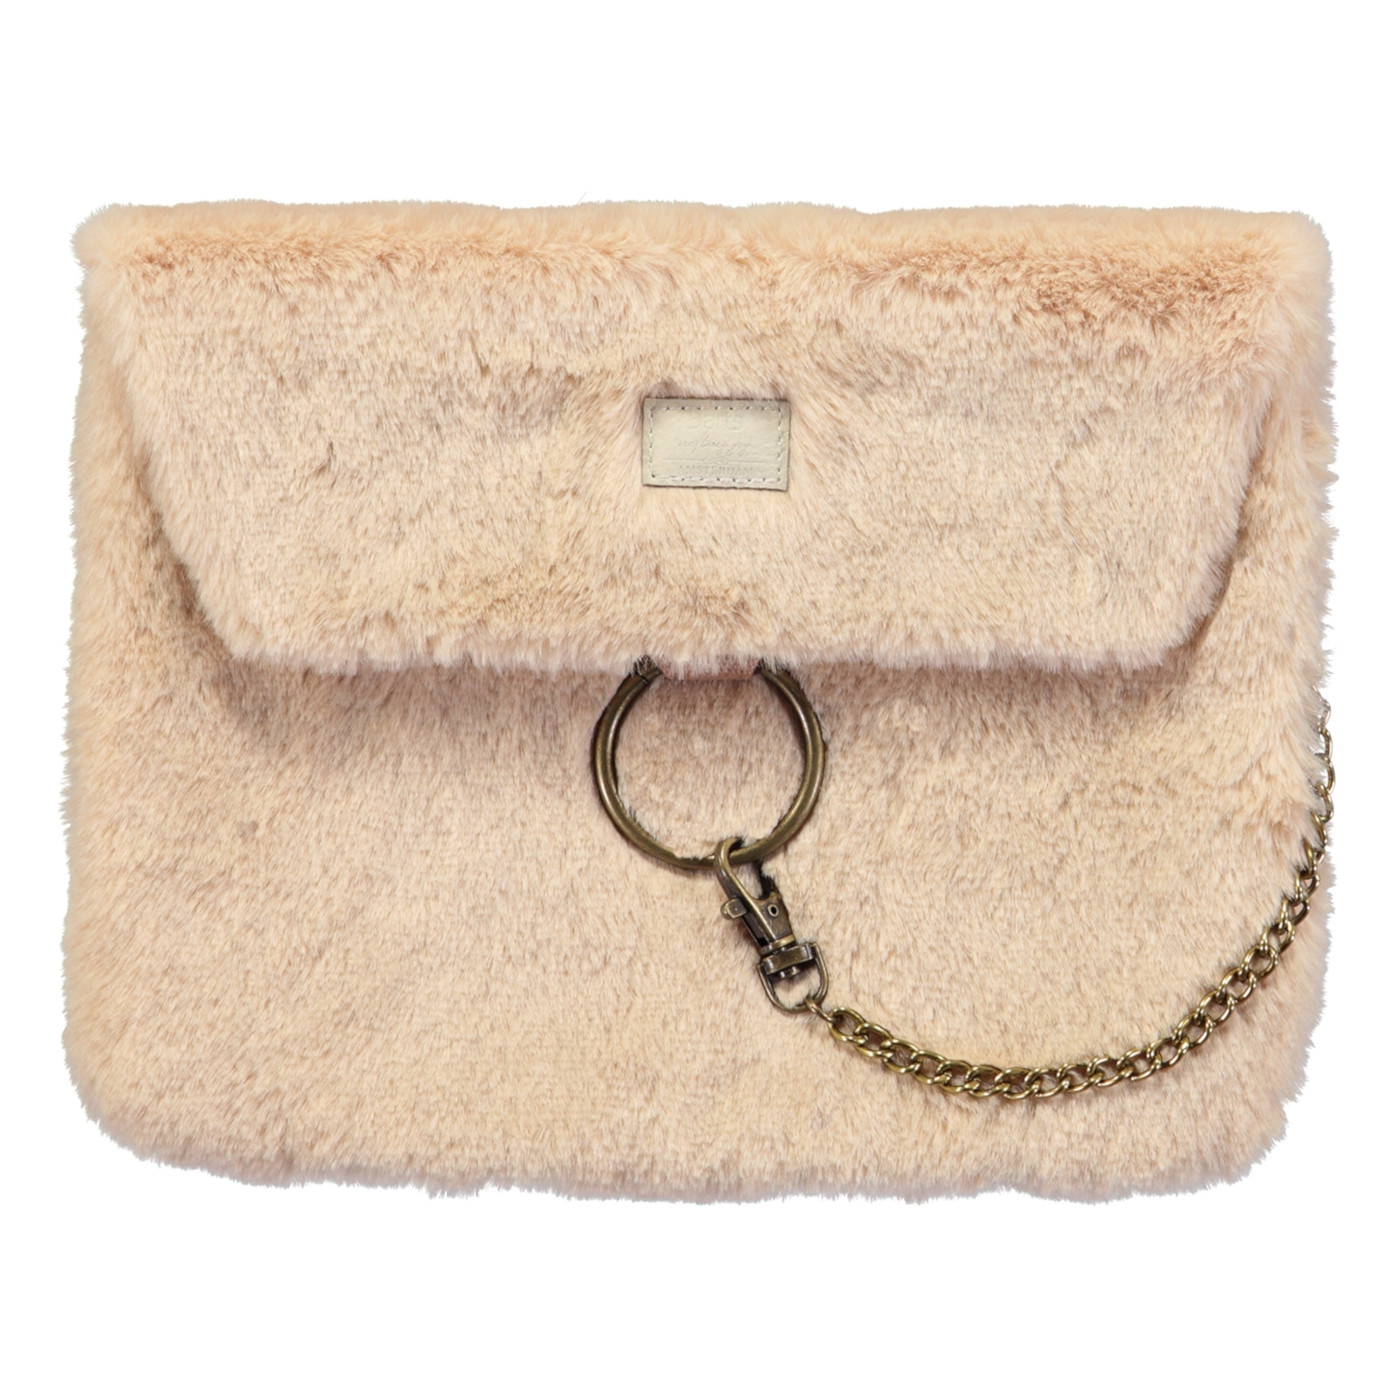 Image of Barts Innu Sand Shoulder Bag 4048007